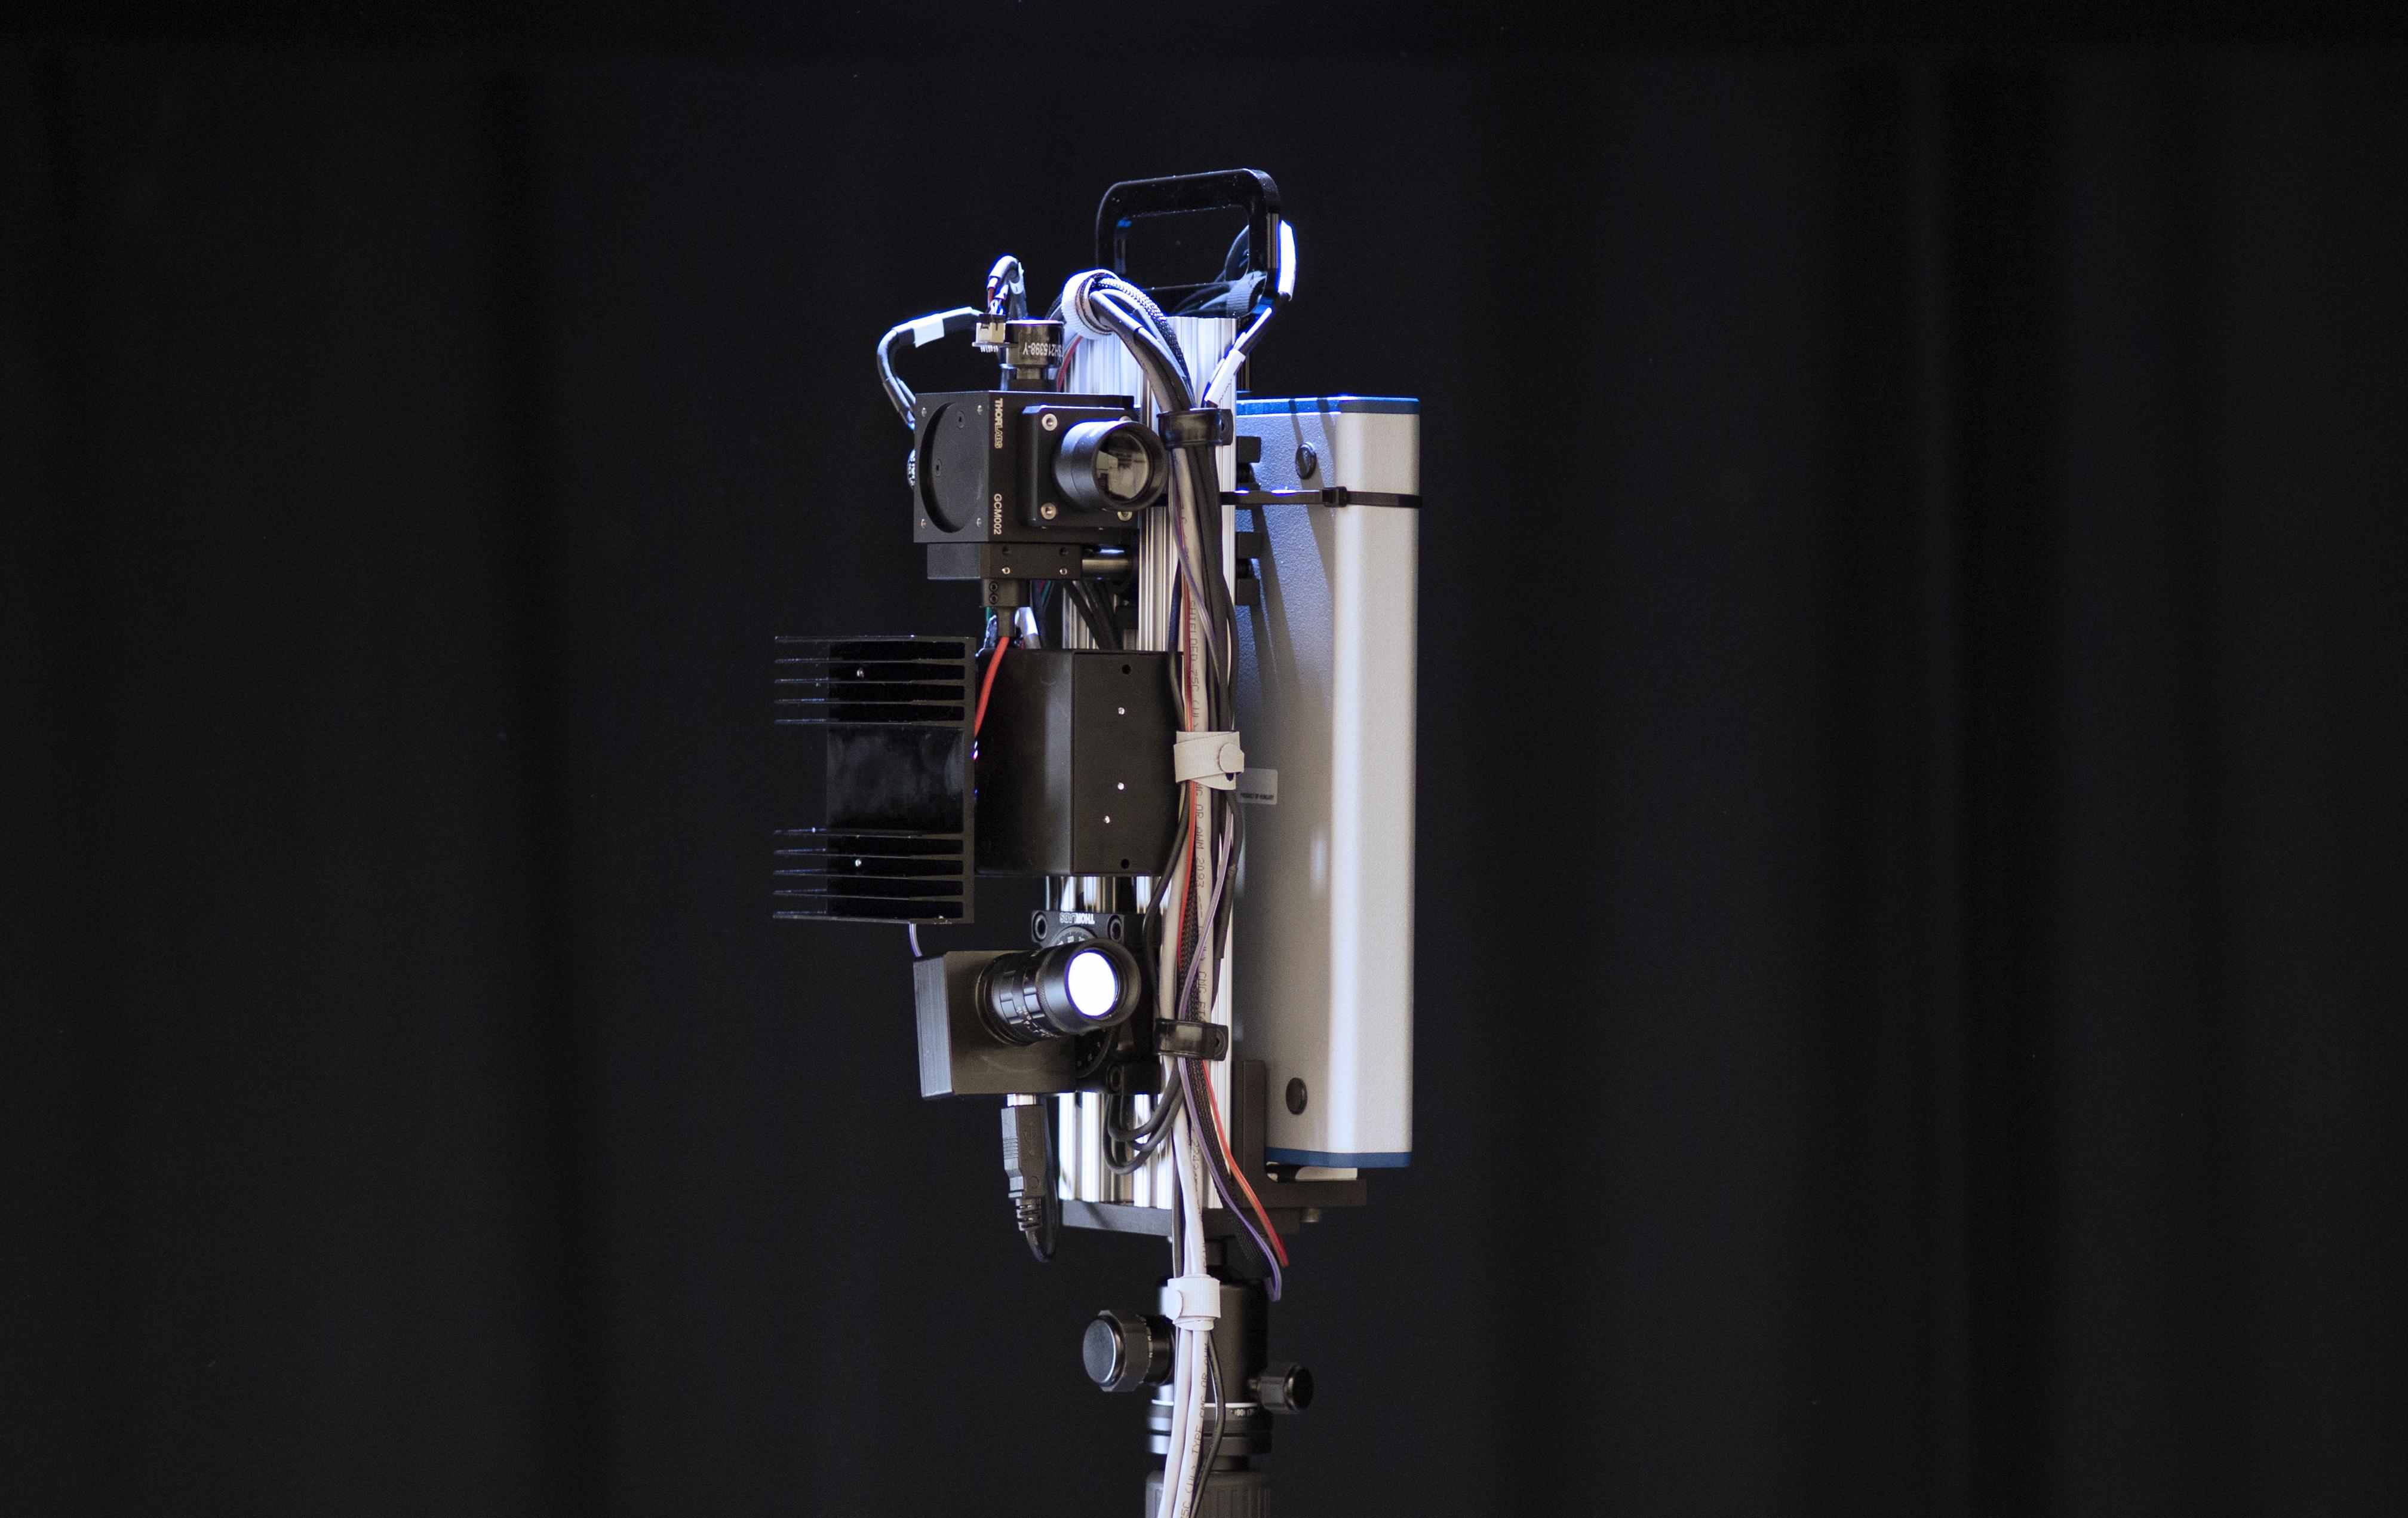 Yüksək sürətli və keyfiyyətli 3D-kamera hazırlanıb